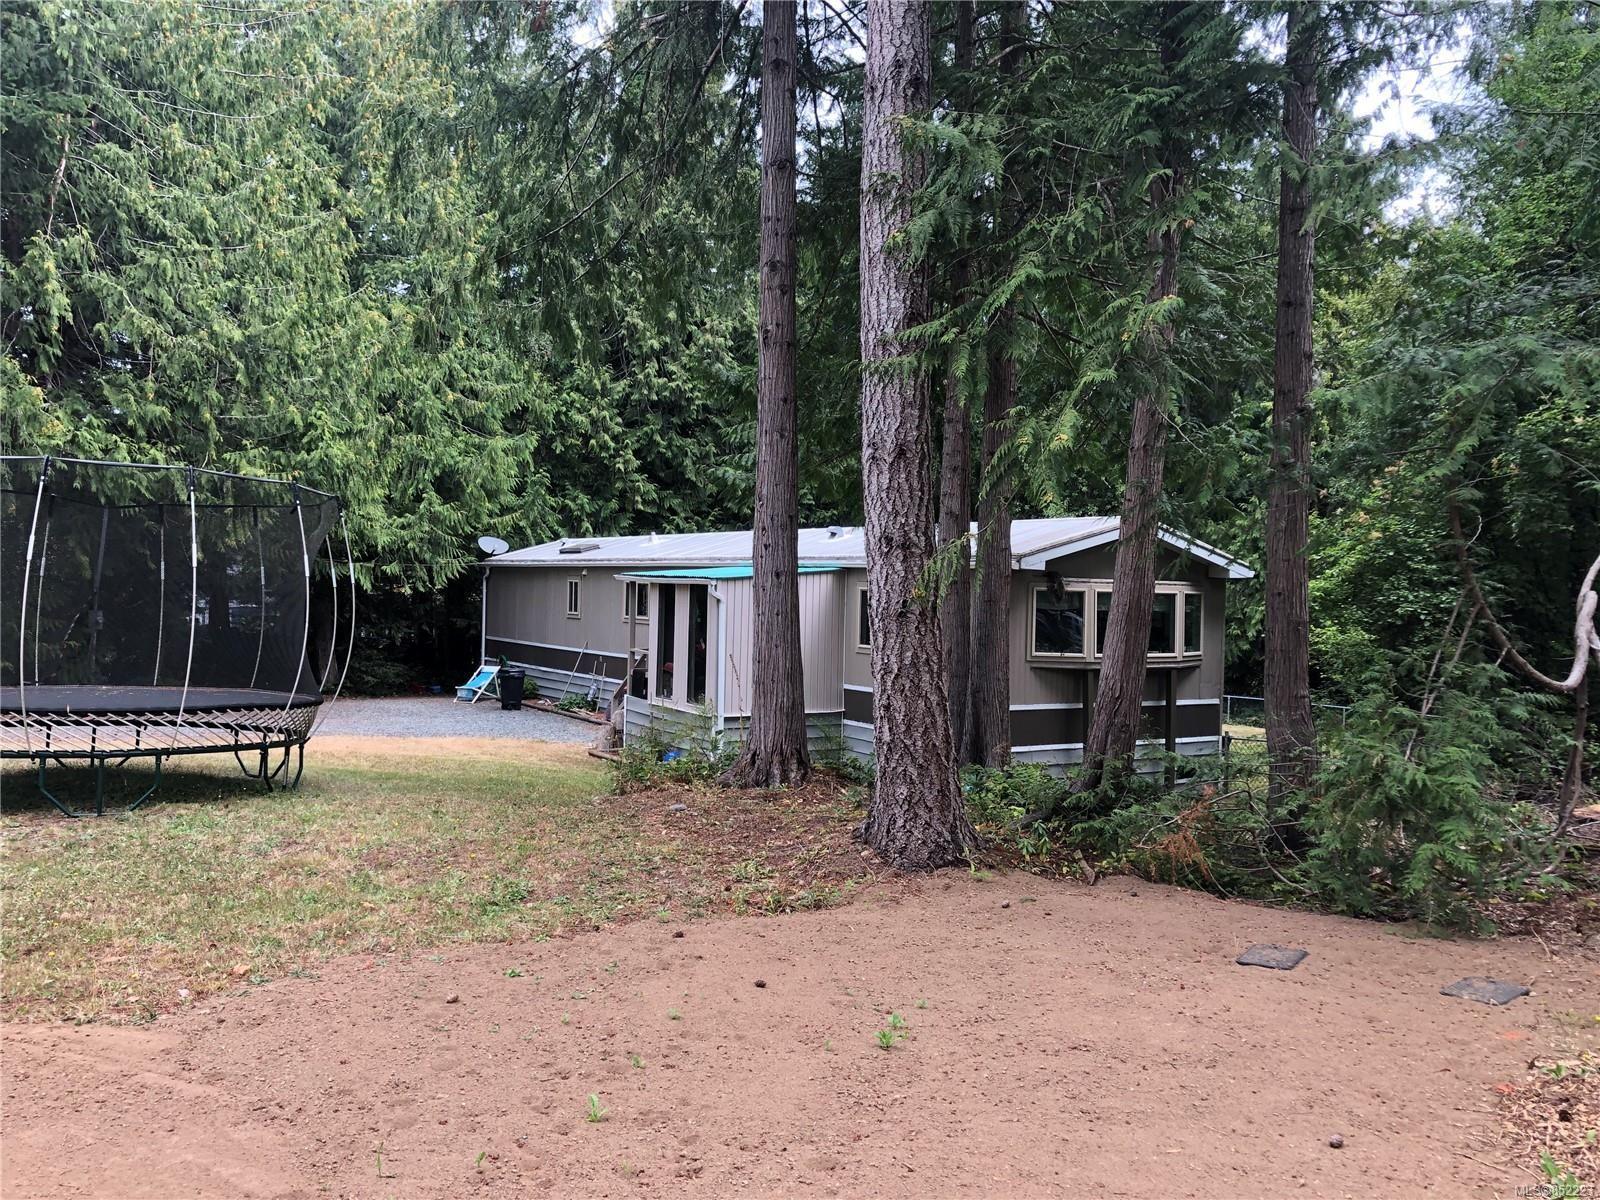 Main Photo: 7700 VIVIAN Way in : CV Union Bay/Fanny Bay House for sale (Comox Valley)  : MLS®# 852223